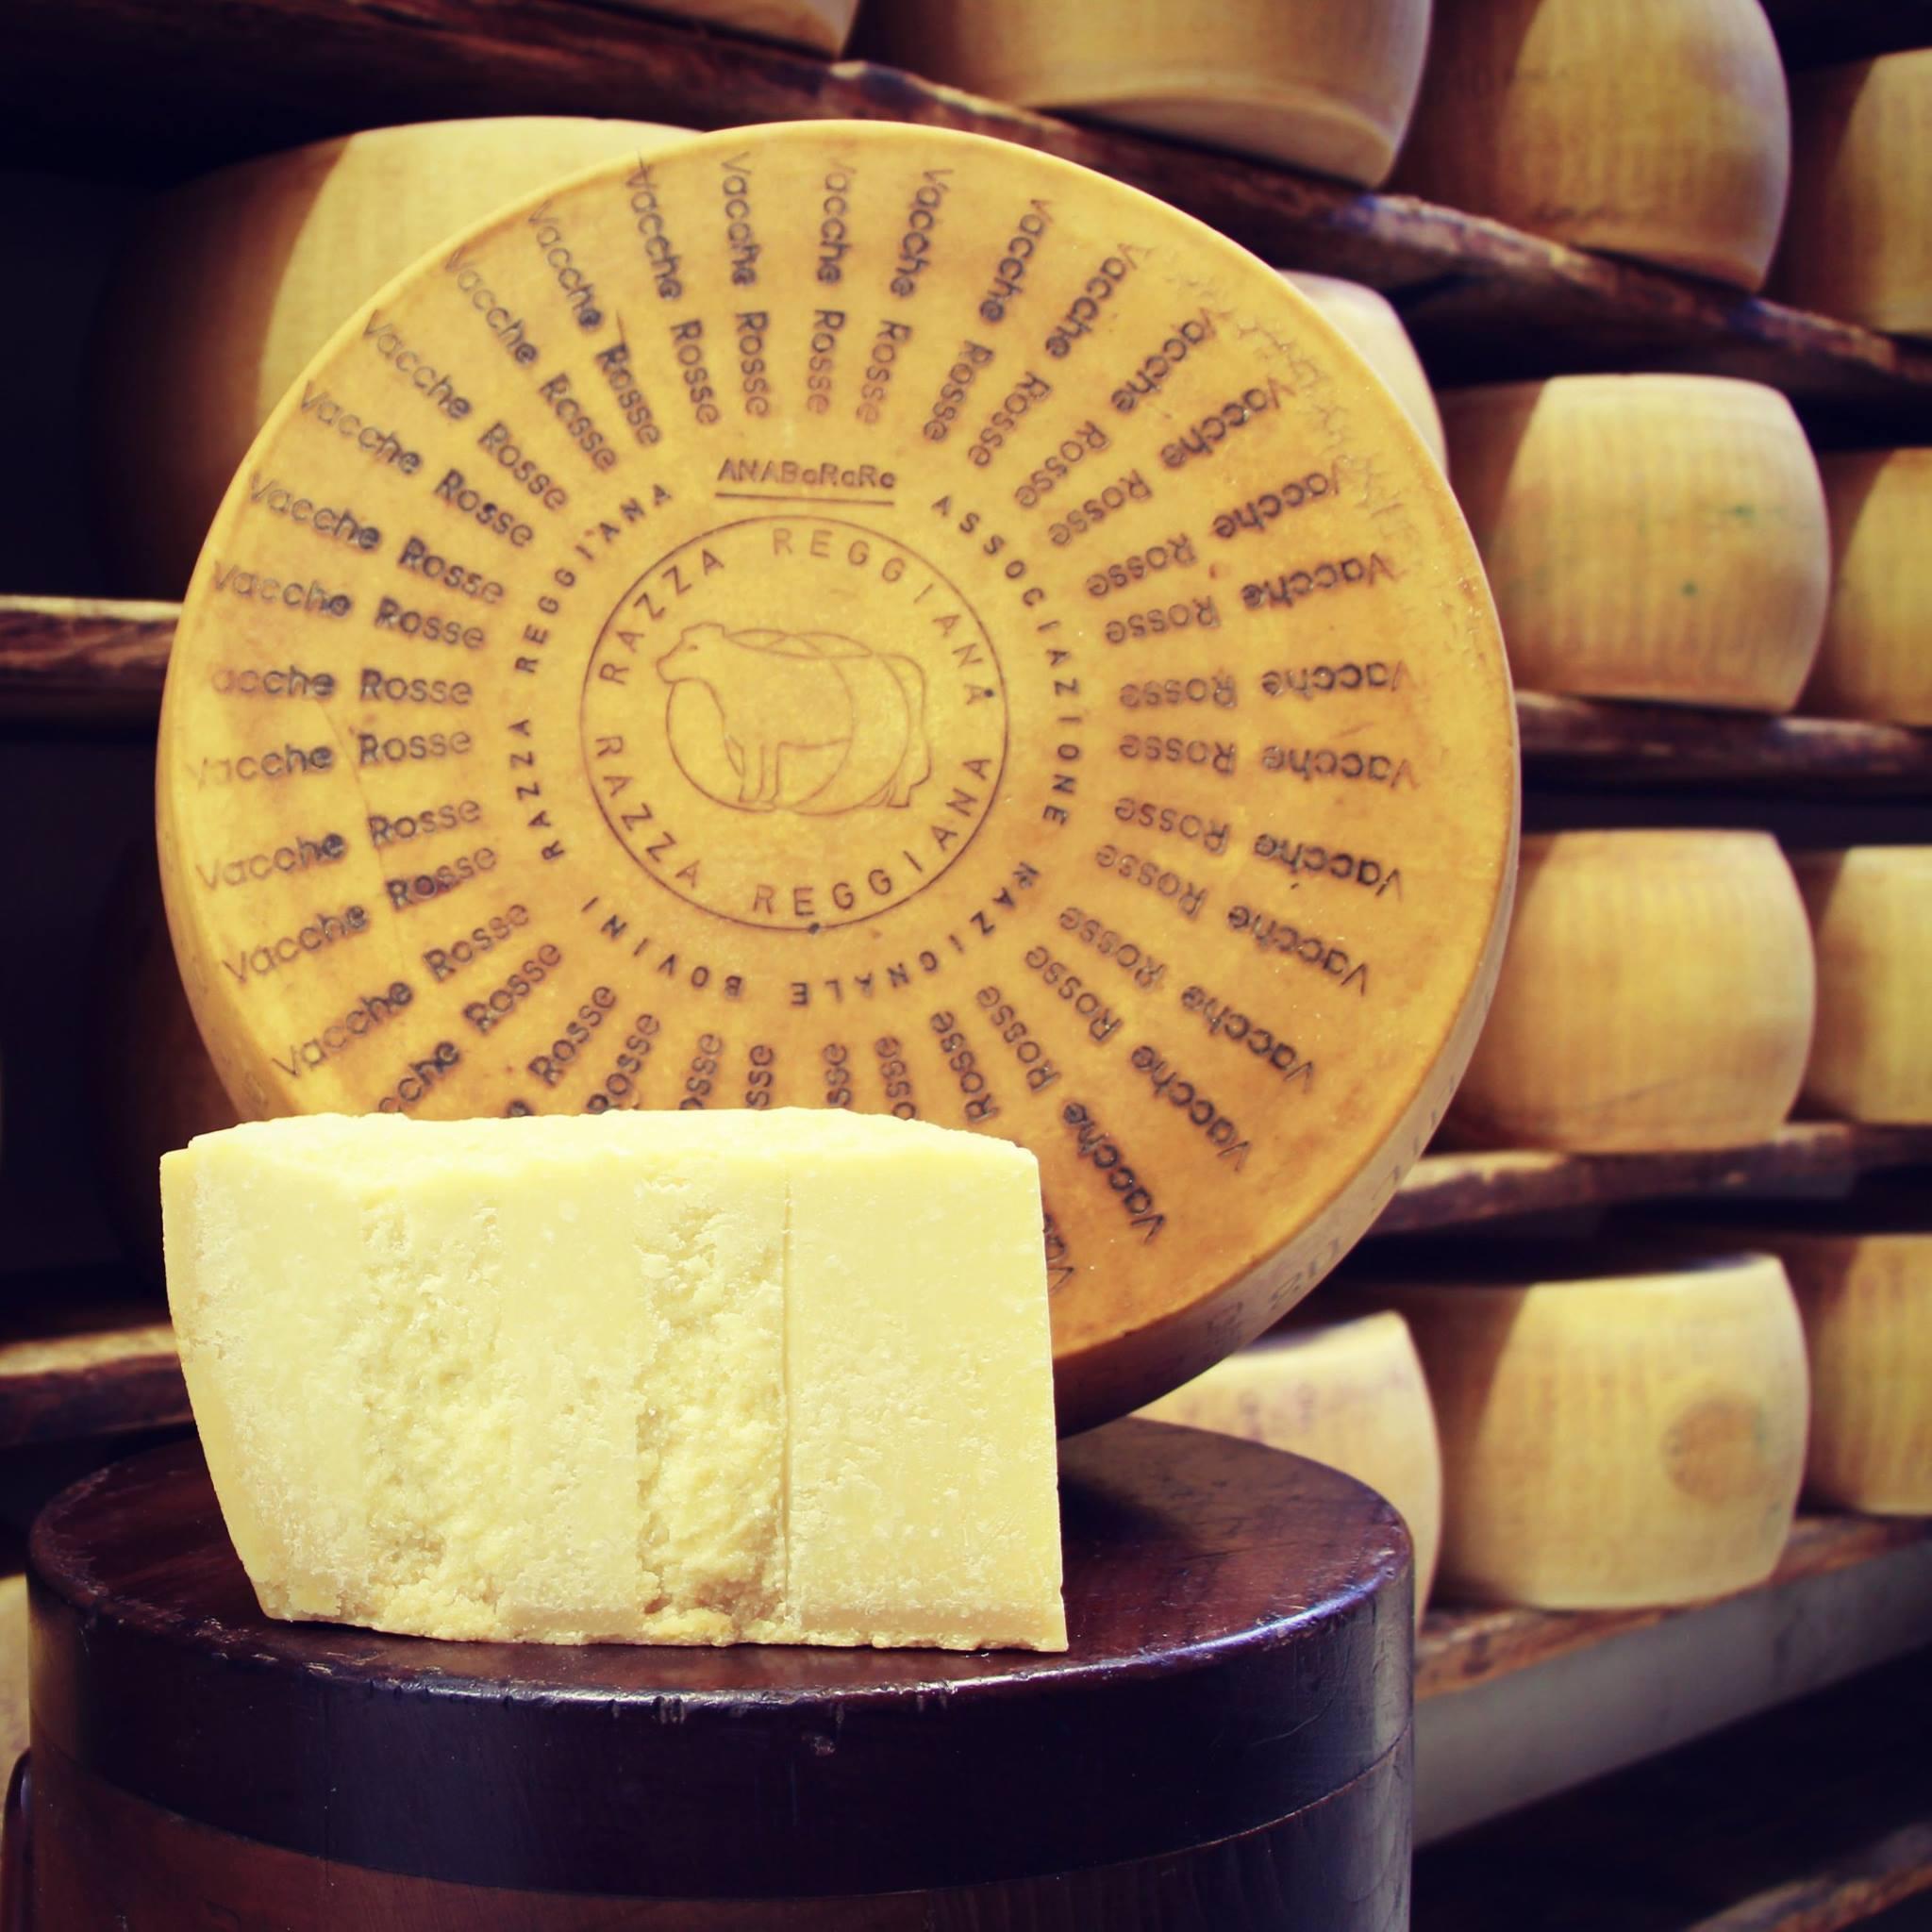 Parmigiano Reggiano Vacche Rosse 30 mesi